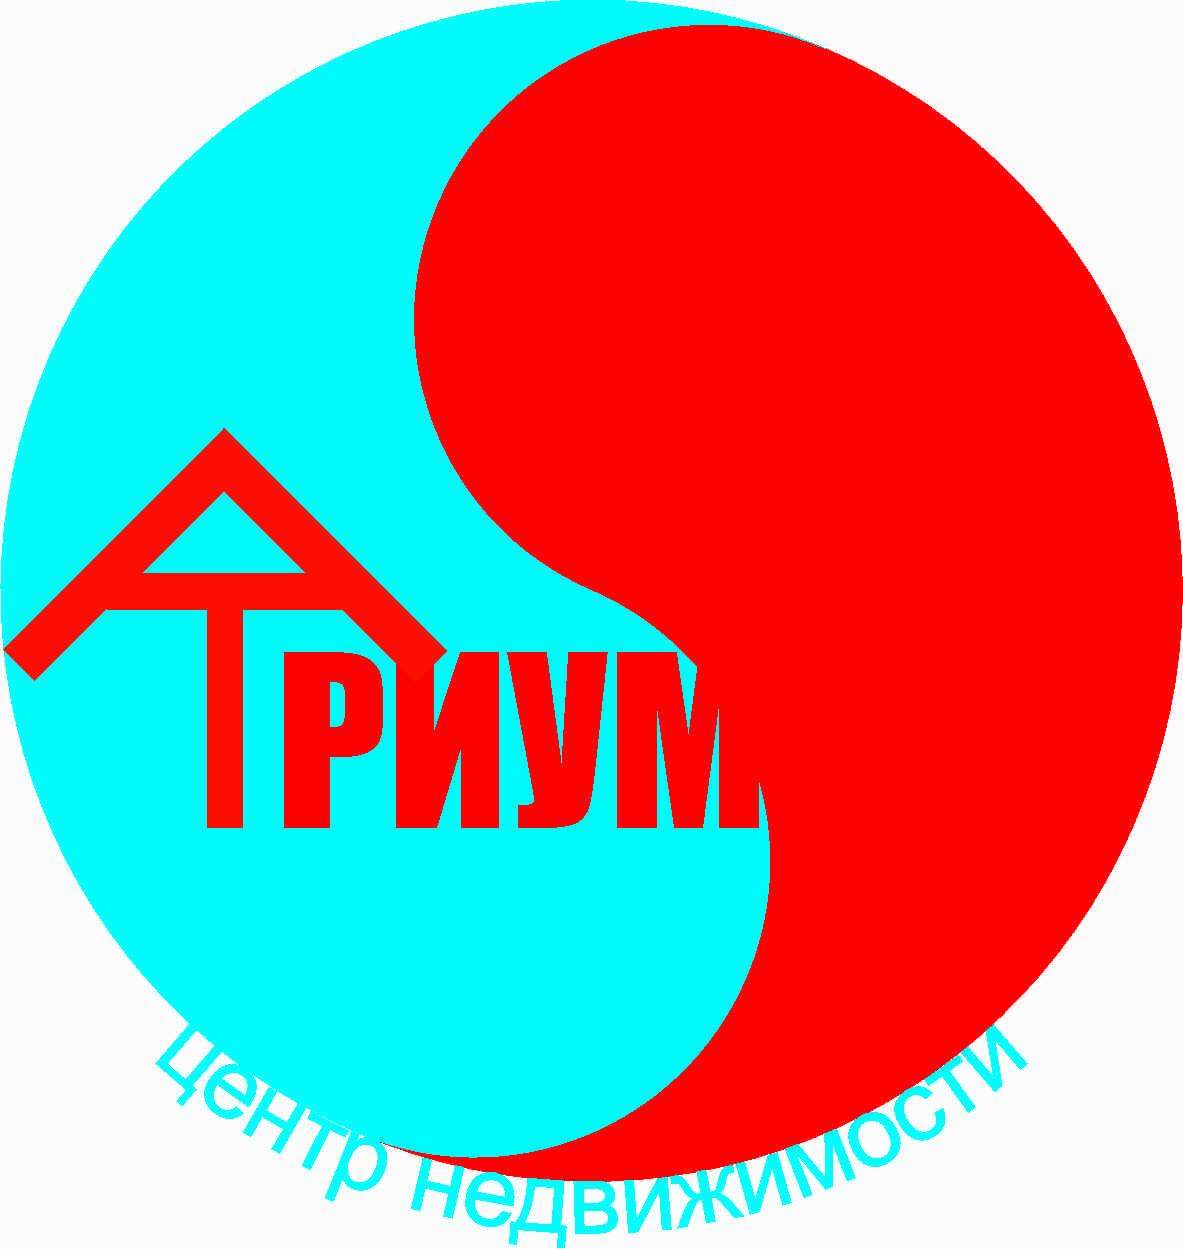 Редизайн / модернизация логотипа Центра недвижимости фото f_0725bc8a5d26ef48.jpg